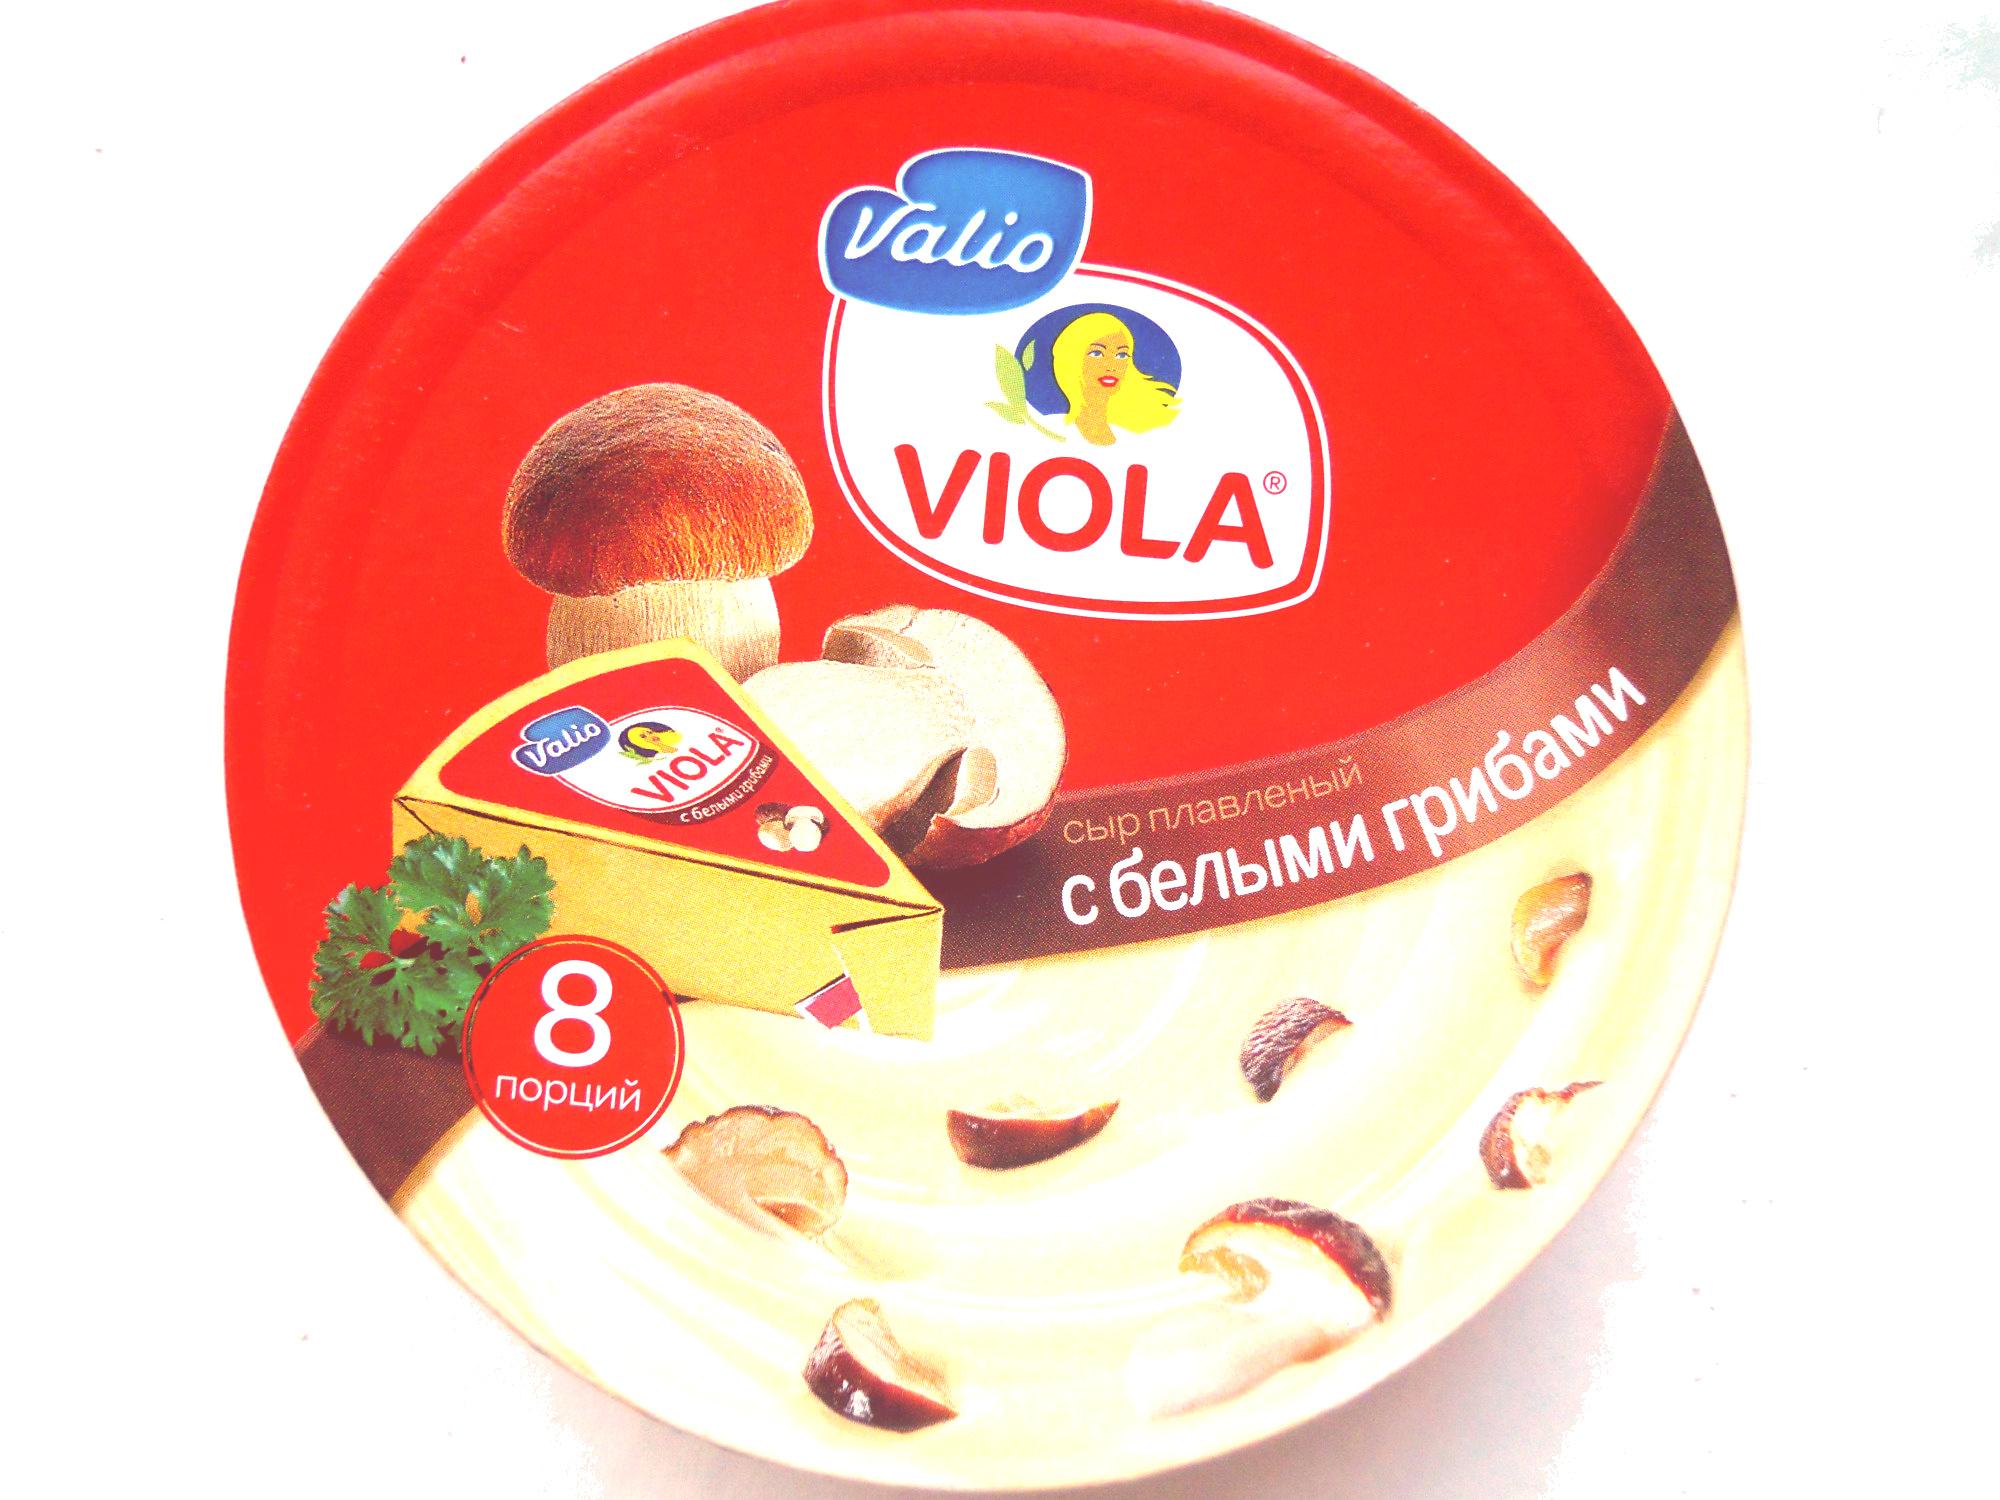 Сыр плавленый «Viola» «в треугольниках» с белыми грибами - Product - ru